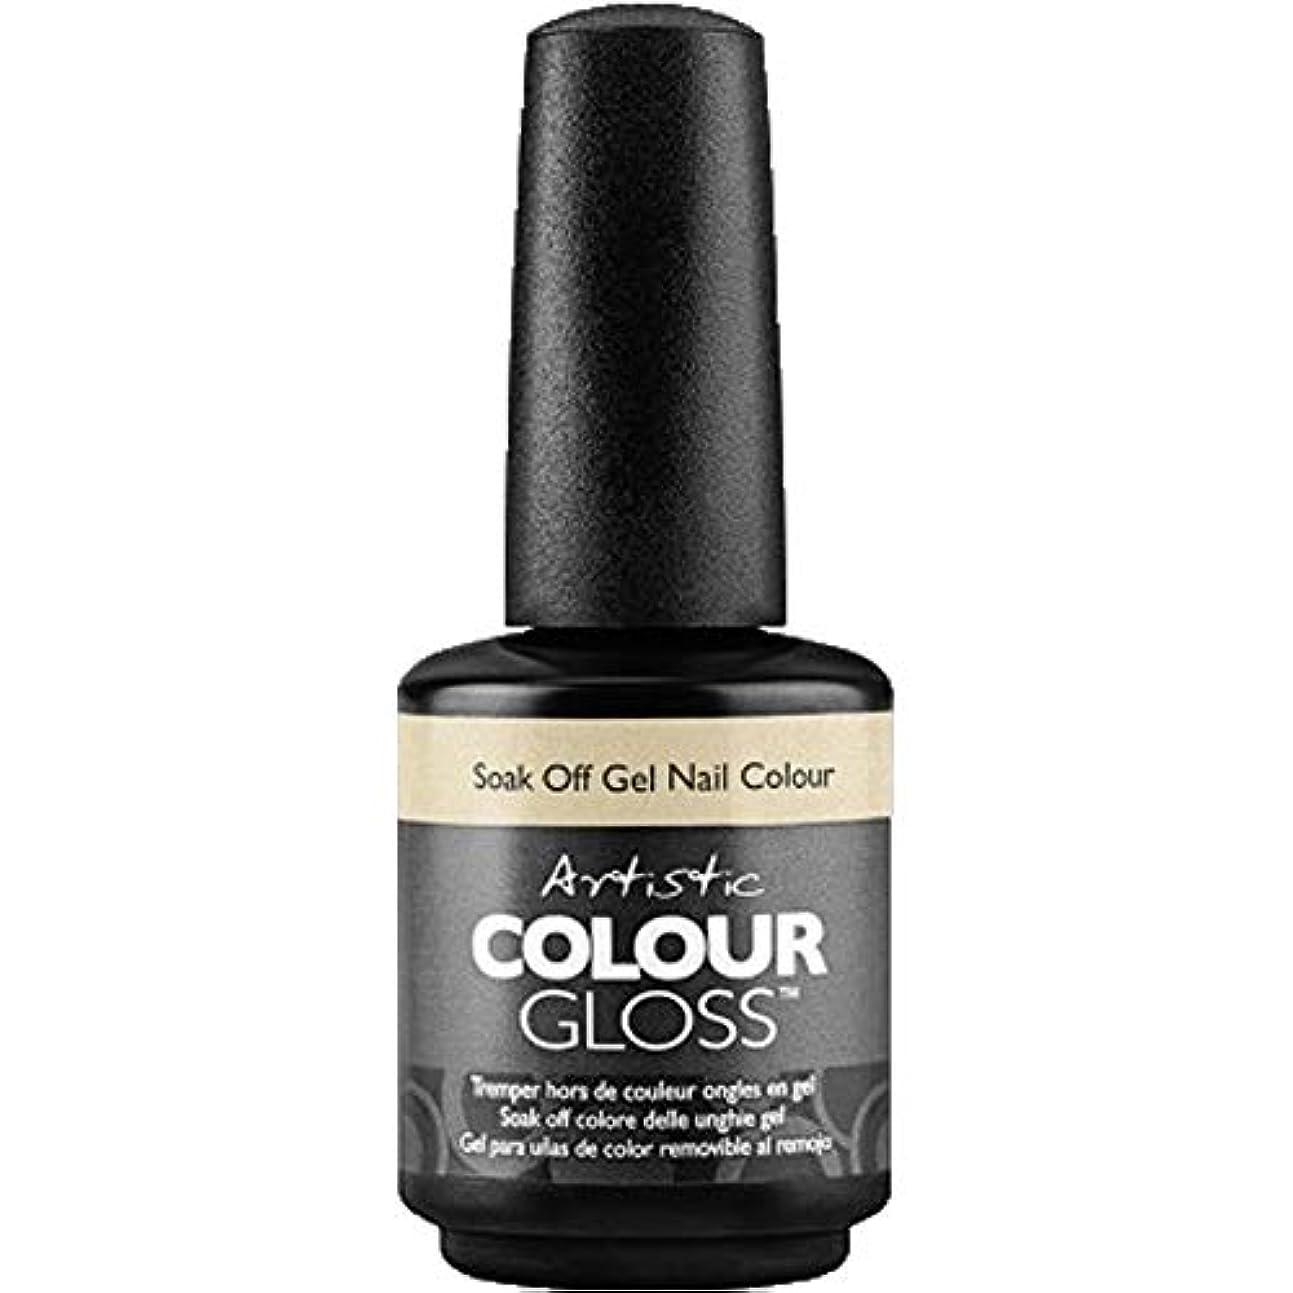 成果立方体運搬Artistic Colour Gloss - But First, Champagne! - 0.5oz / 15ml